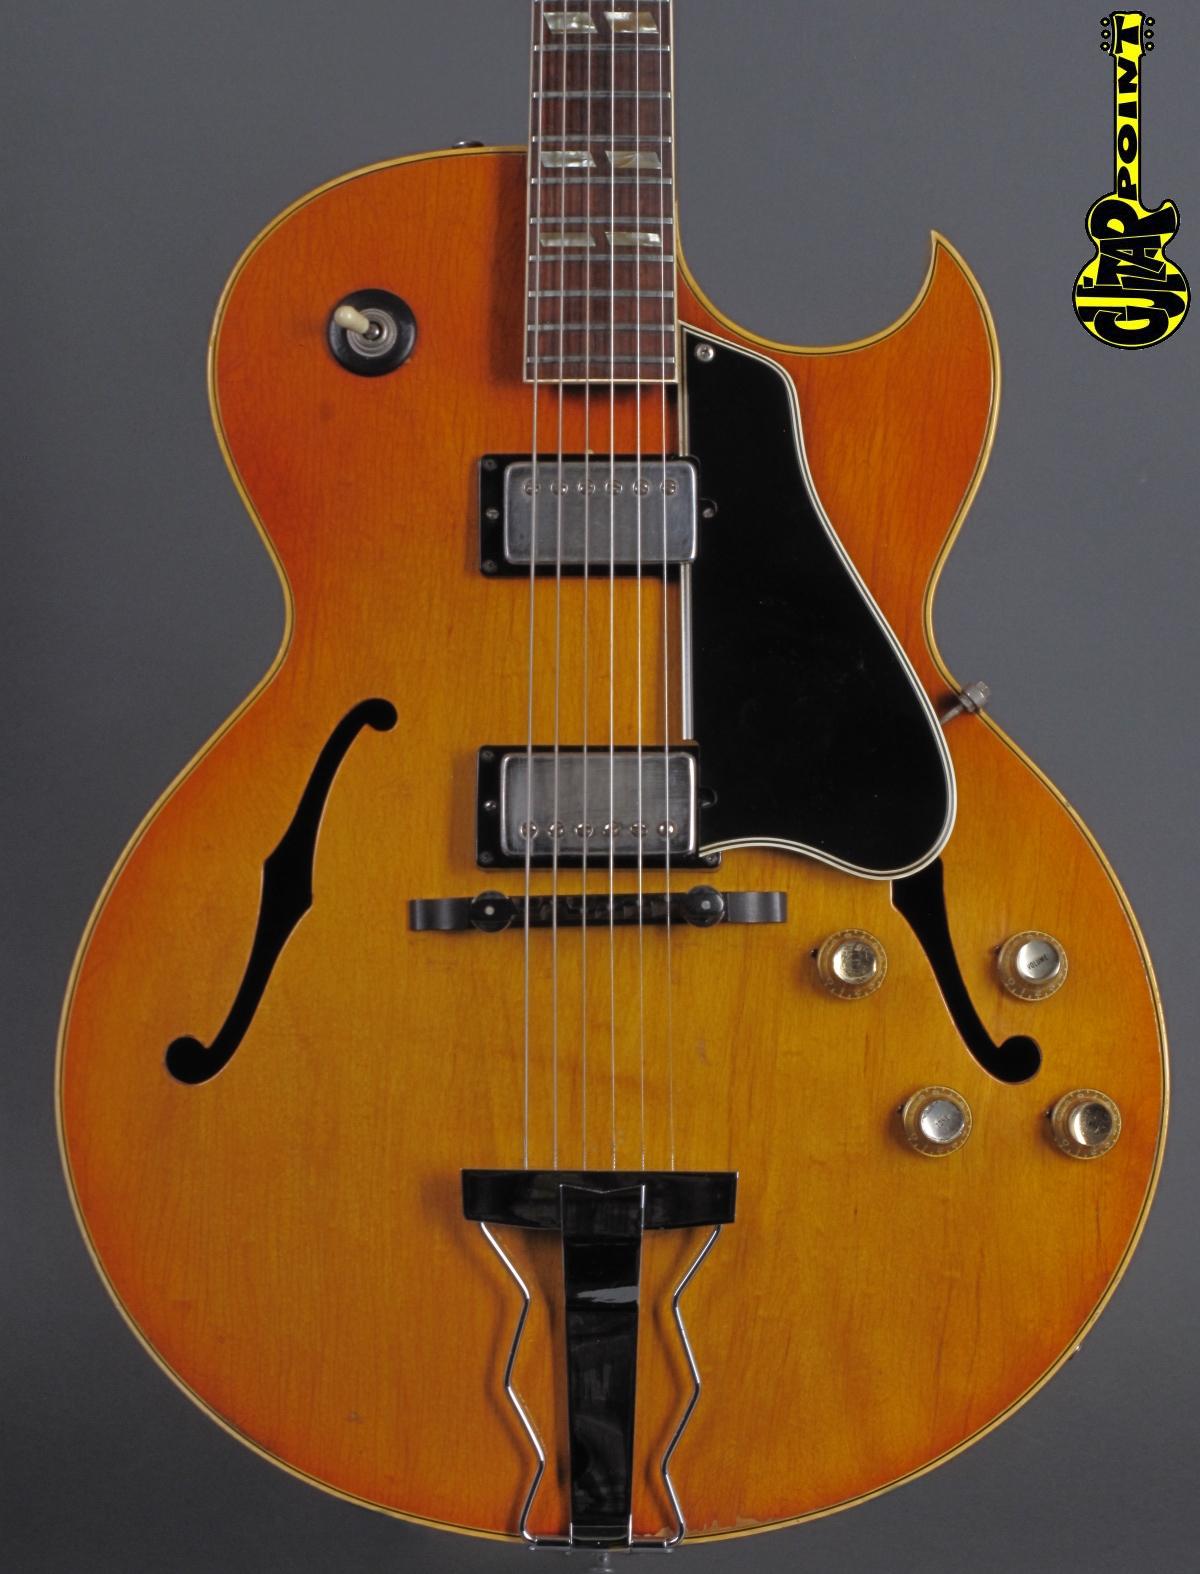 1965 Gibson ES-175 D - Sunburst